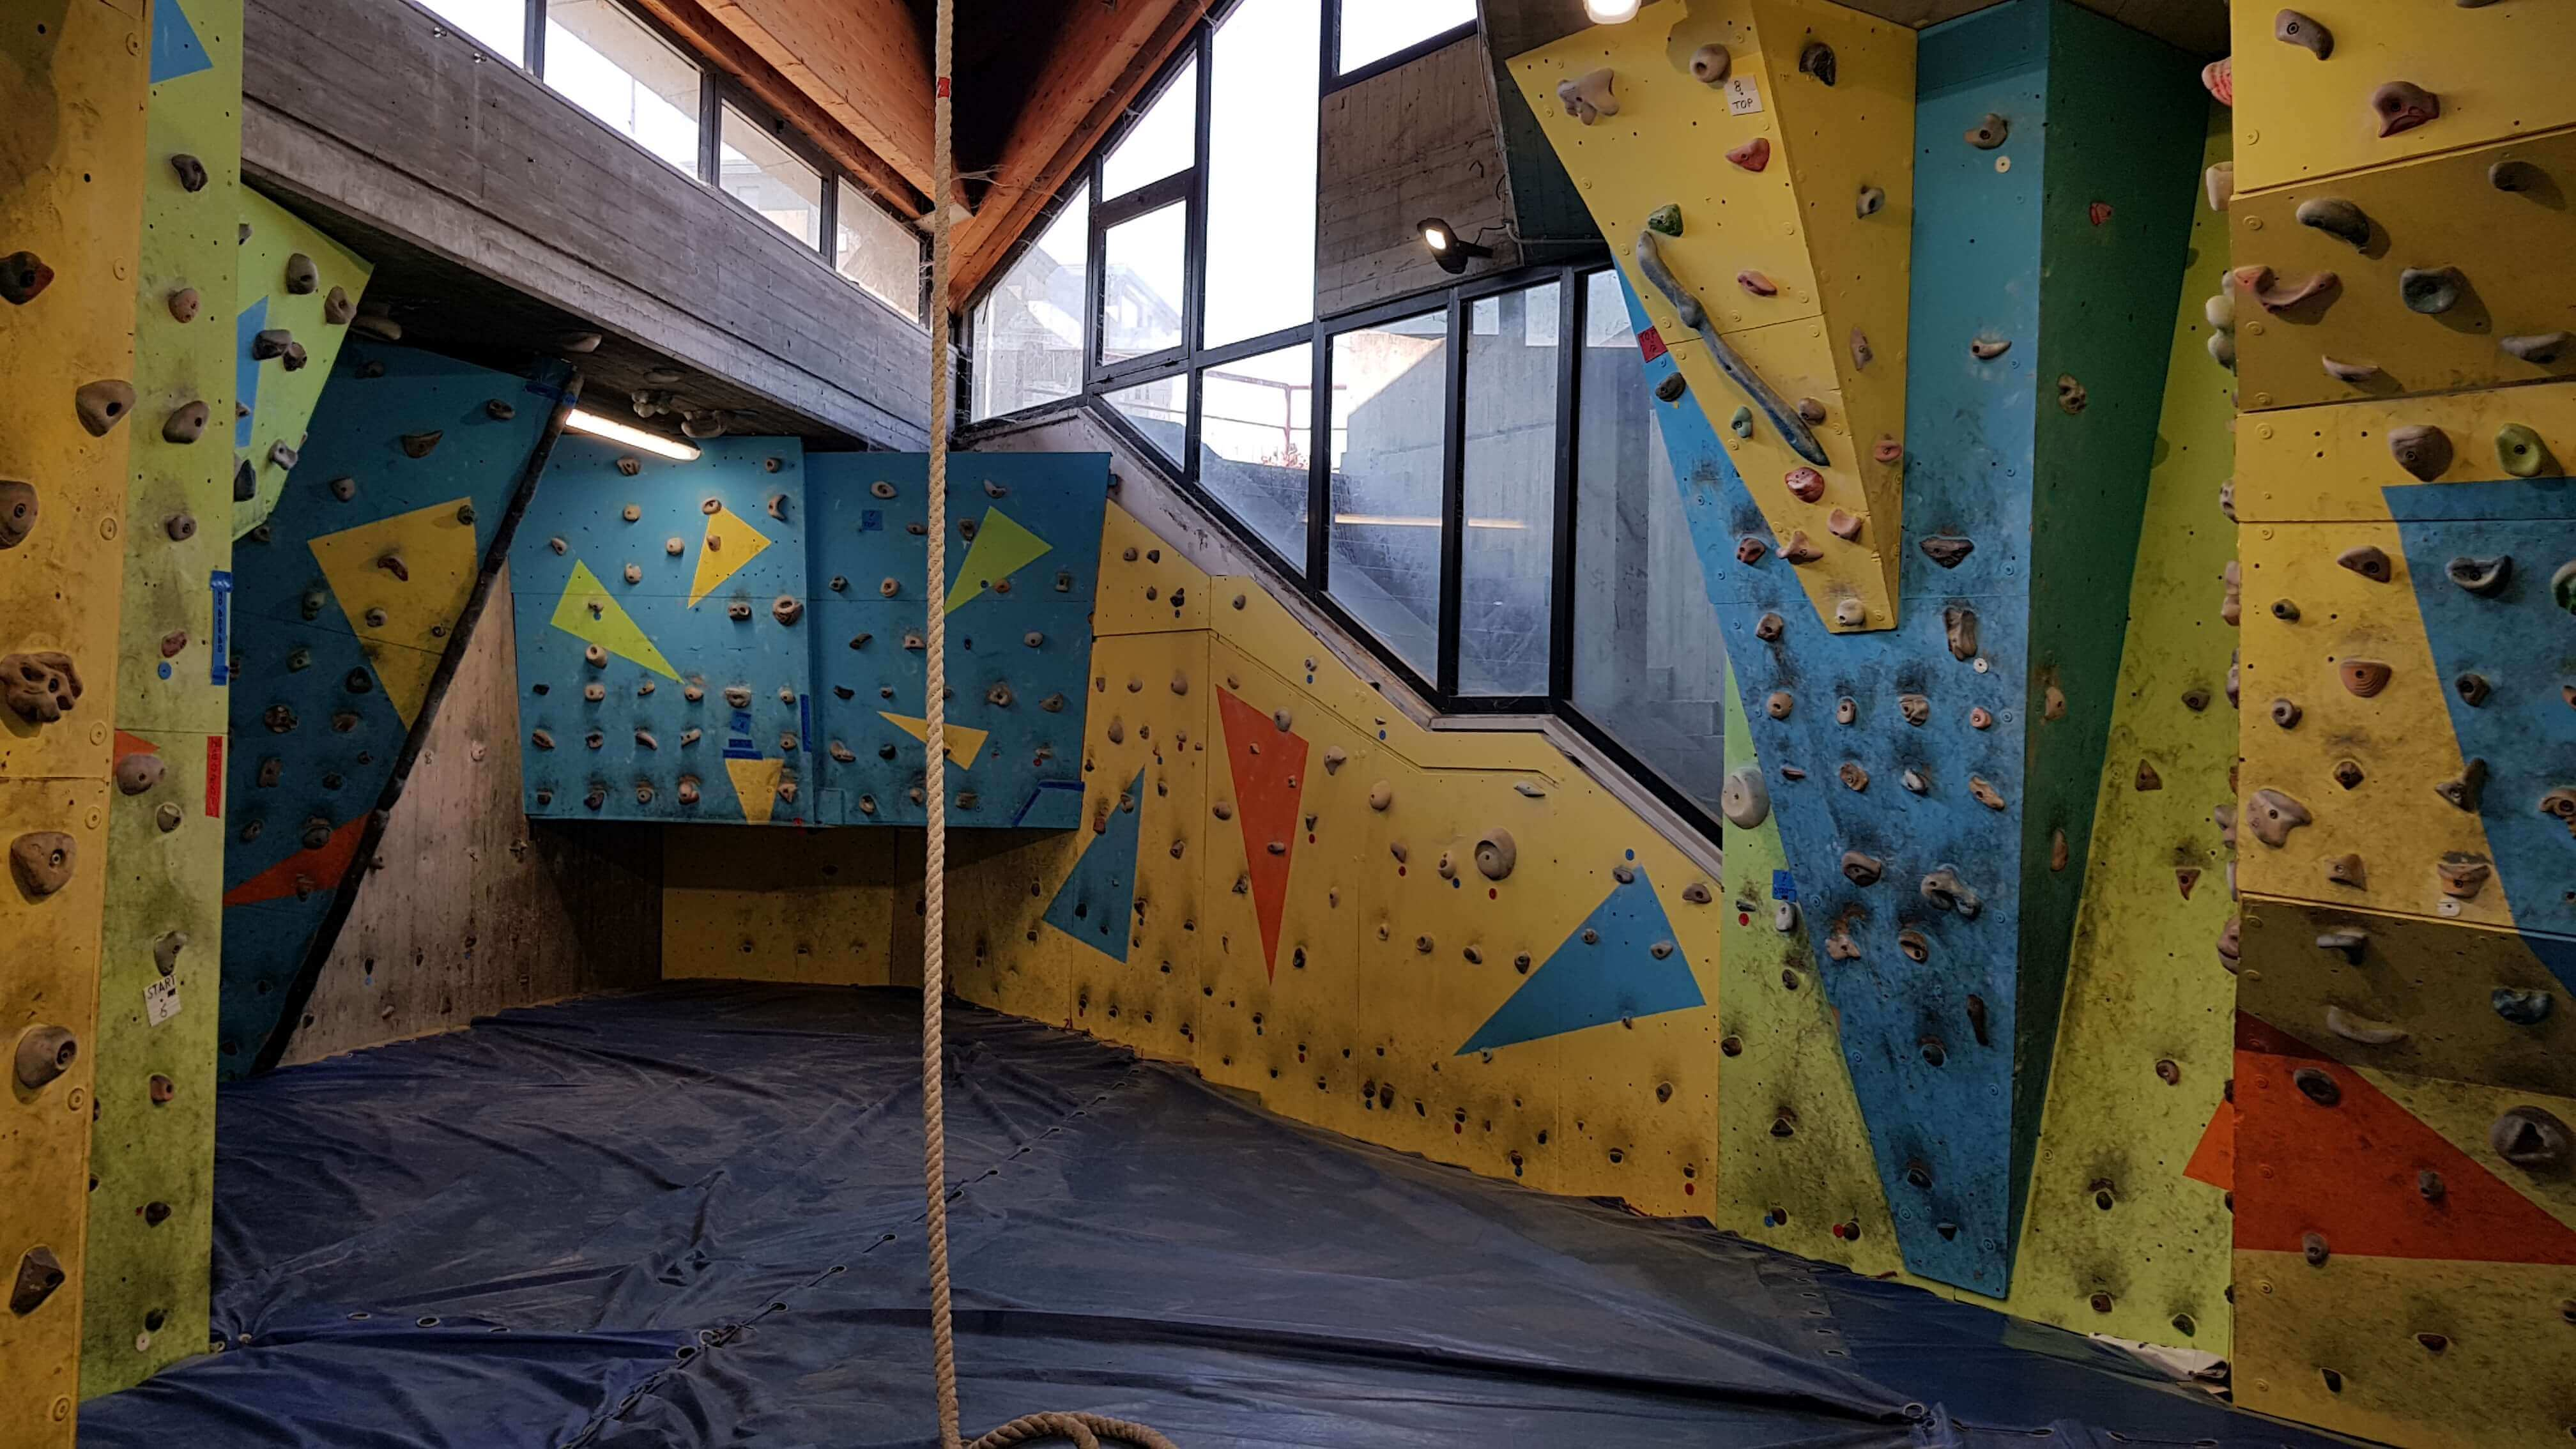 Palasport-di-la-spezia-g-mariotti-palestra-arrampicata-indoor-2